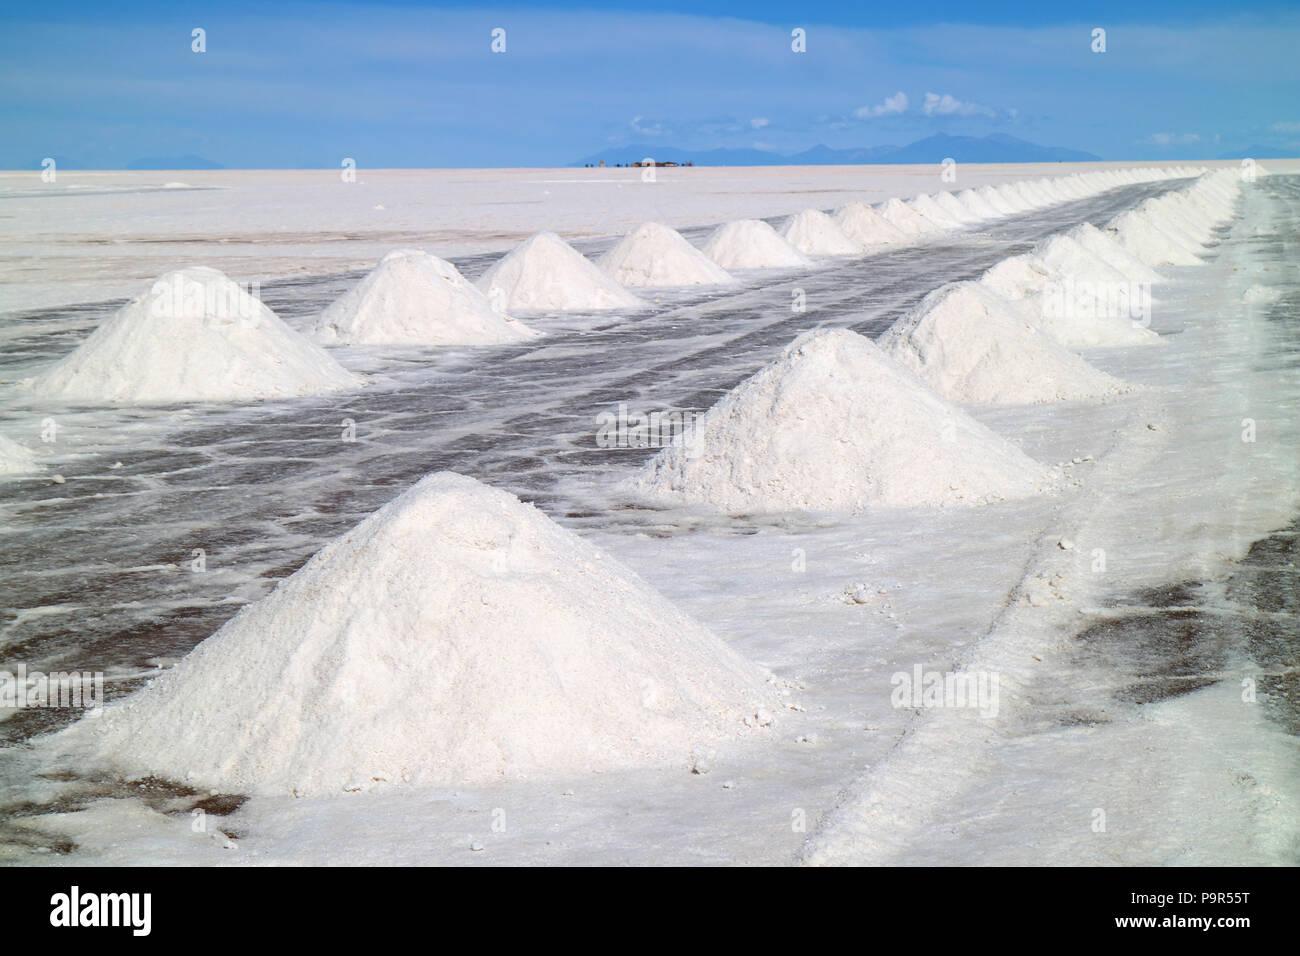 El secado de los montones de sal en el salar de Uyuni o Salar de Uyuni, Potosí, Bolivia, América del Sur Imagen De Stock